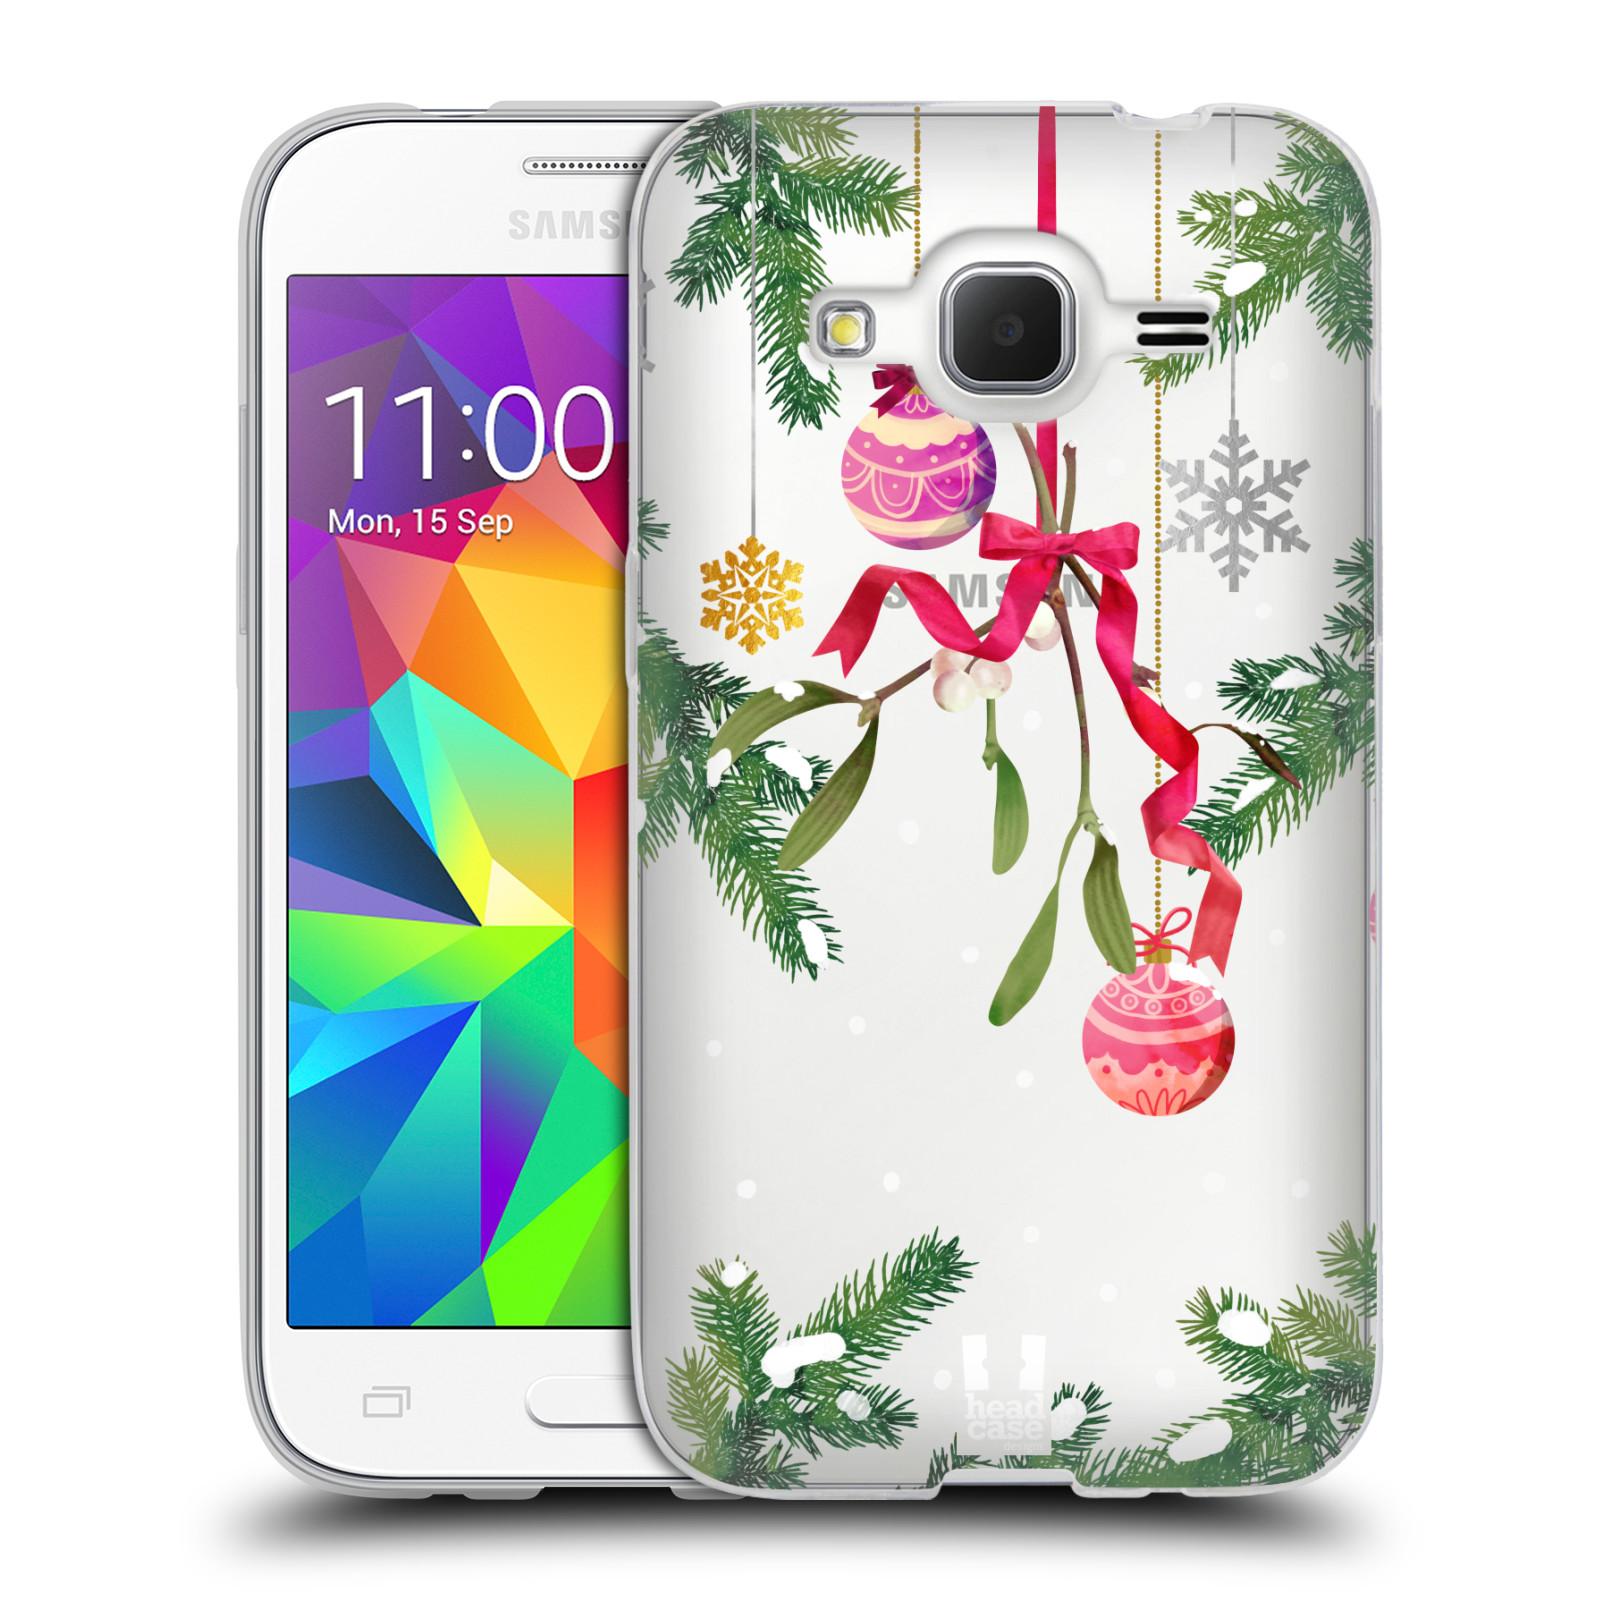 Silikonové pouzdro na mobil Samsung Galaxy Core Prime VE - Head Case - Větvičky a vánoční ozdoby